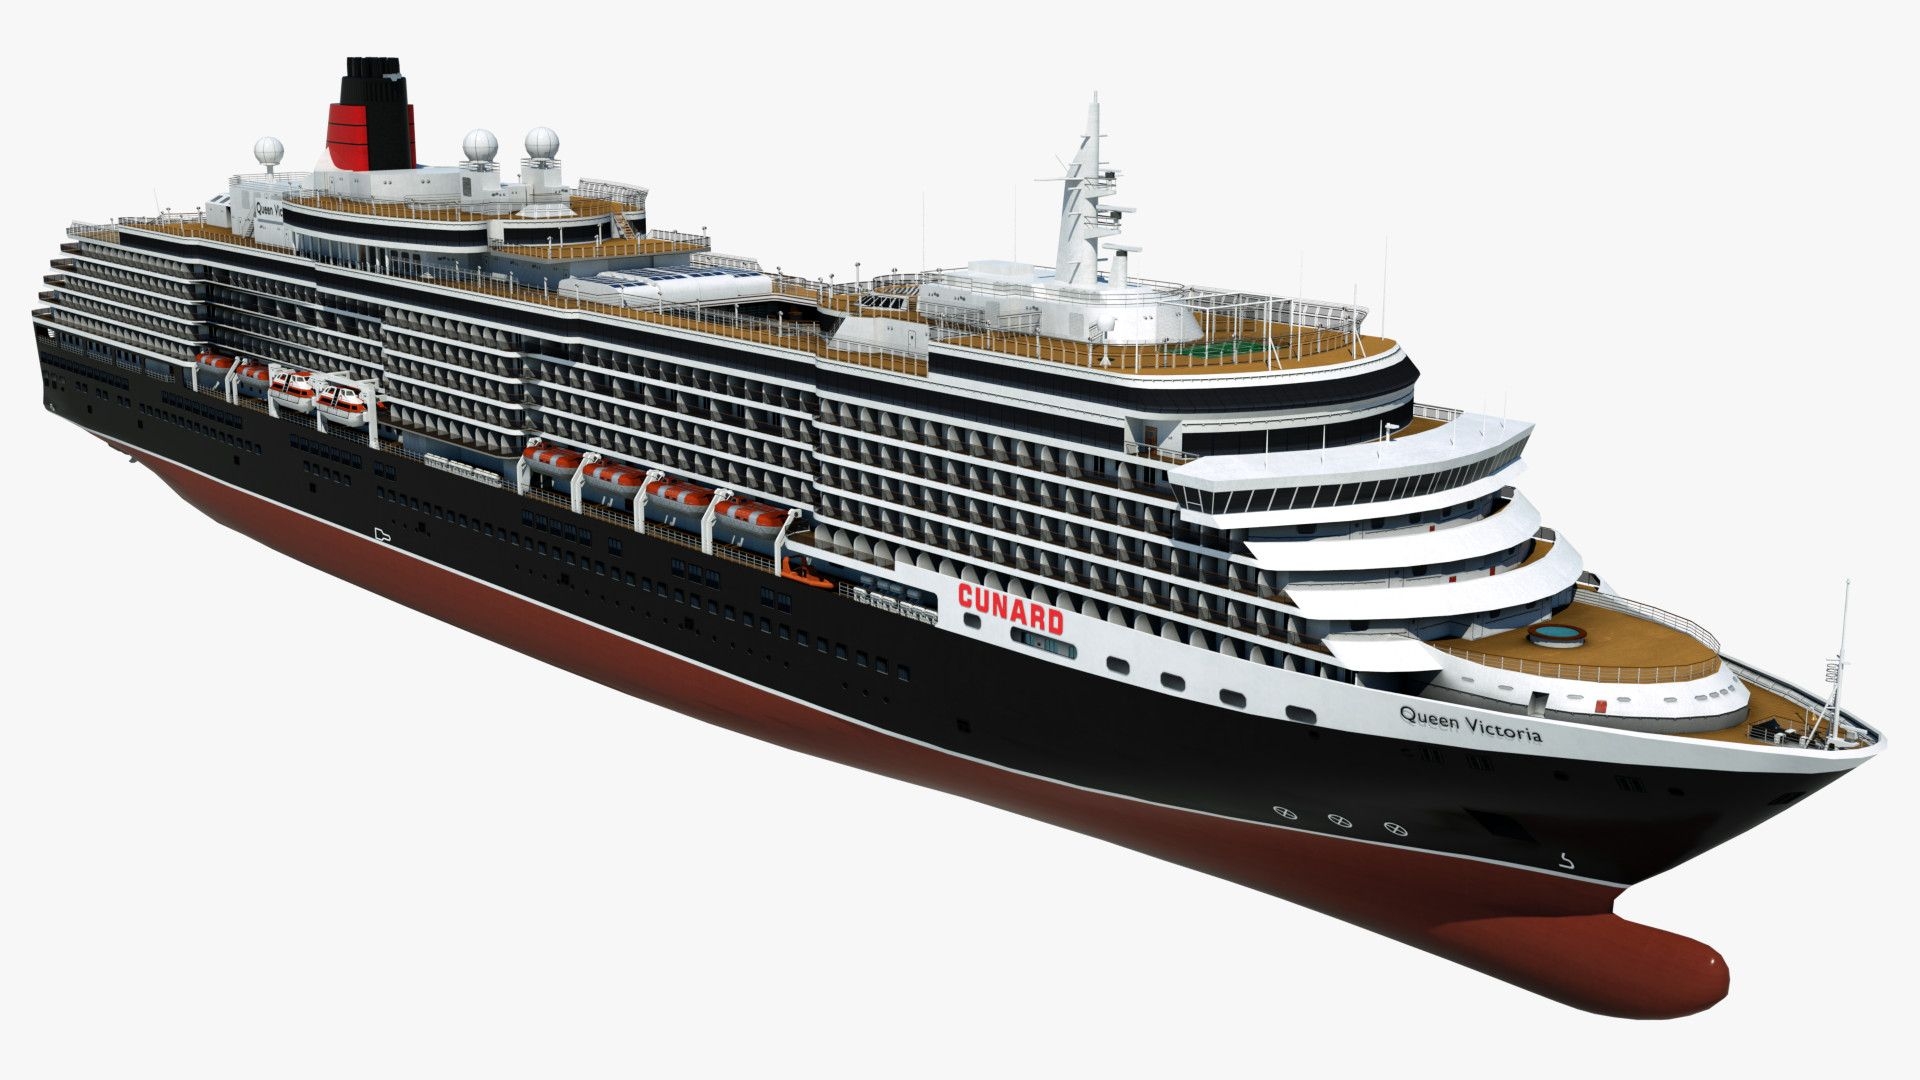 Cruise Queen Victoria Ship D Ds Водный транспорт Pinterest - Tracking queen victoria cruise ship